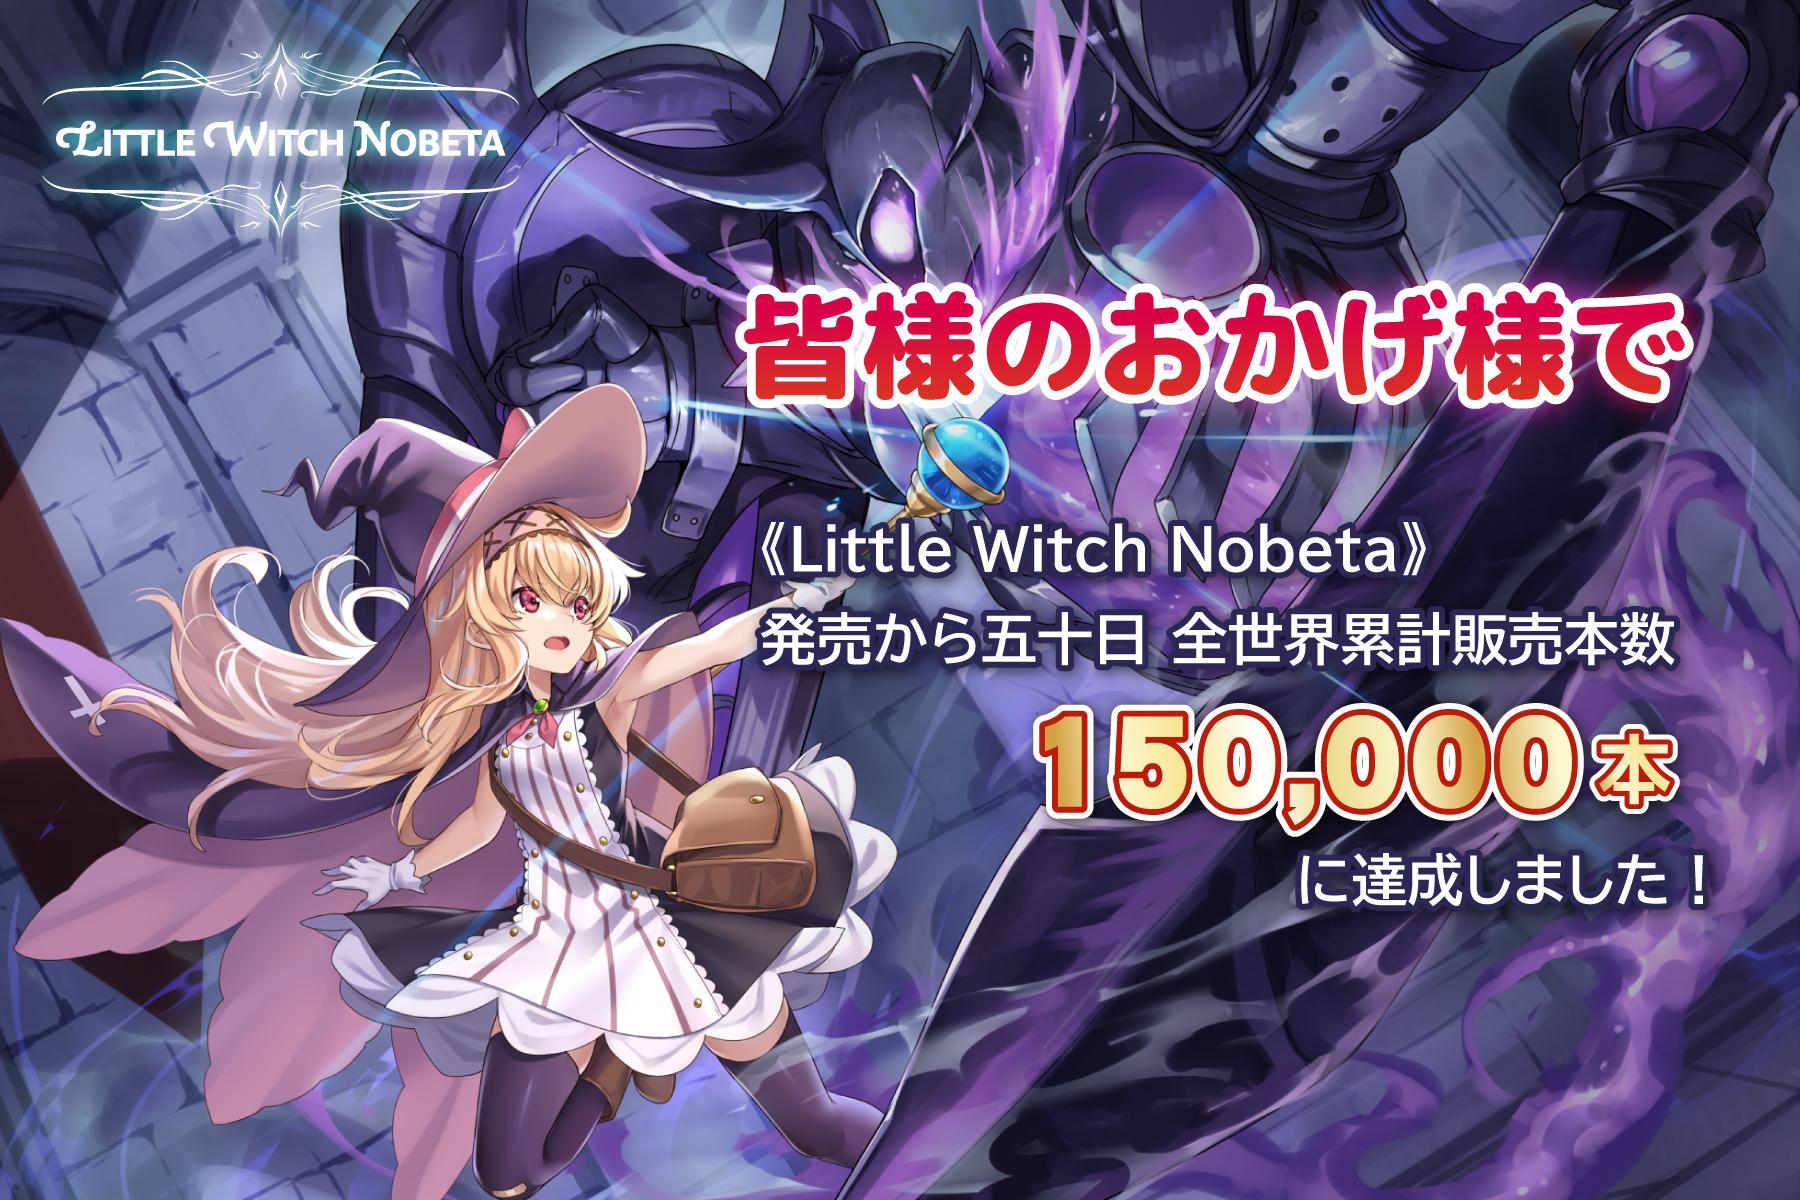 ノ リトル mod ウィッチ ベタ